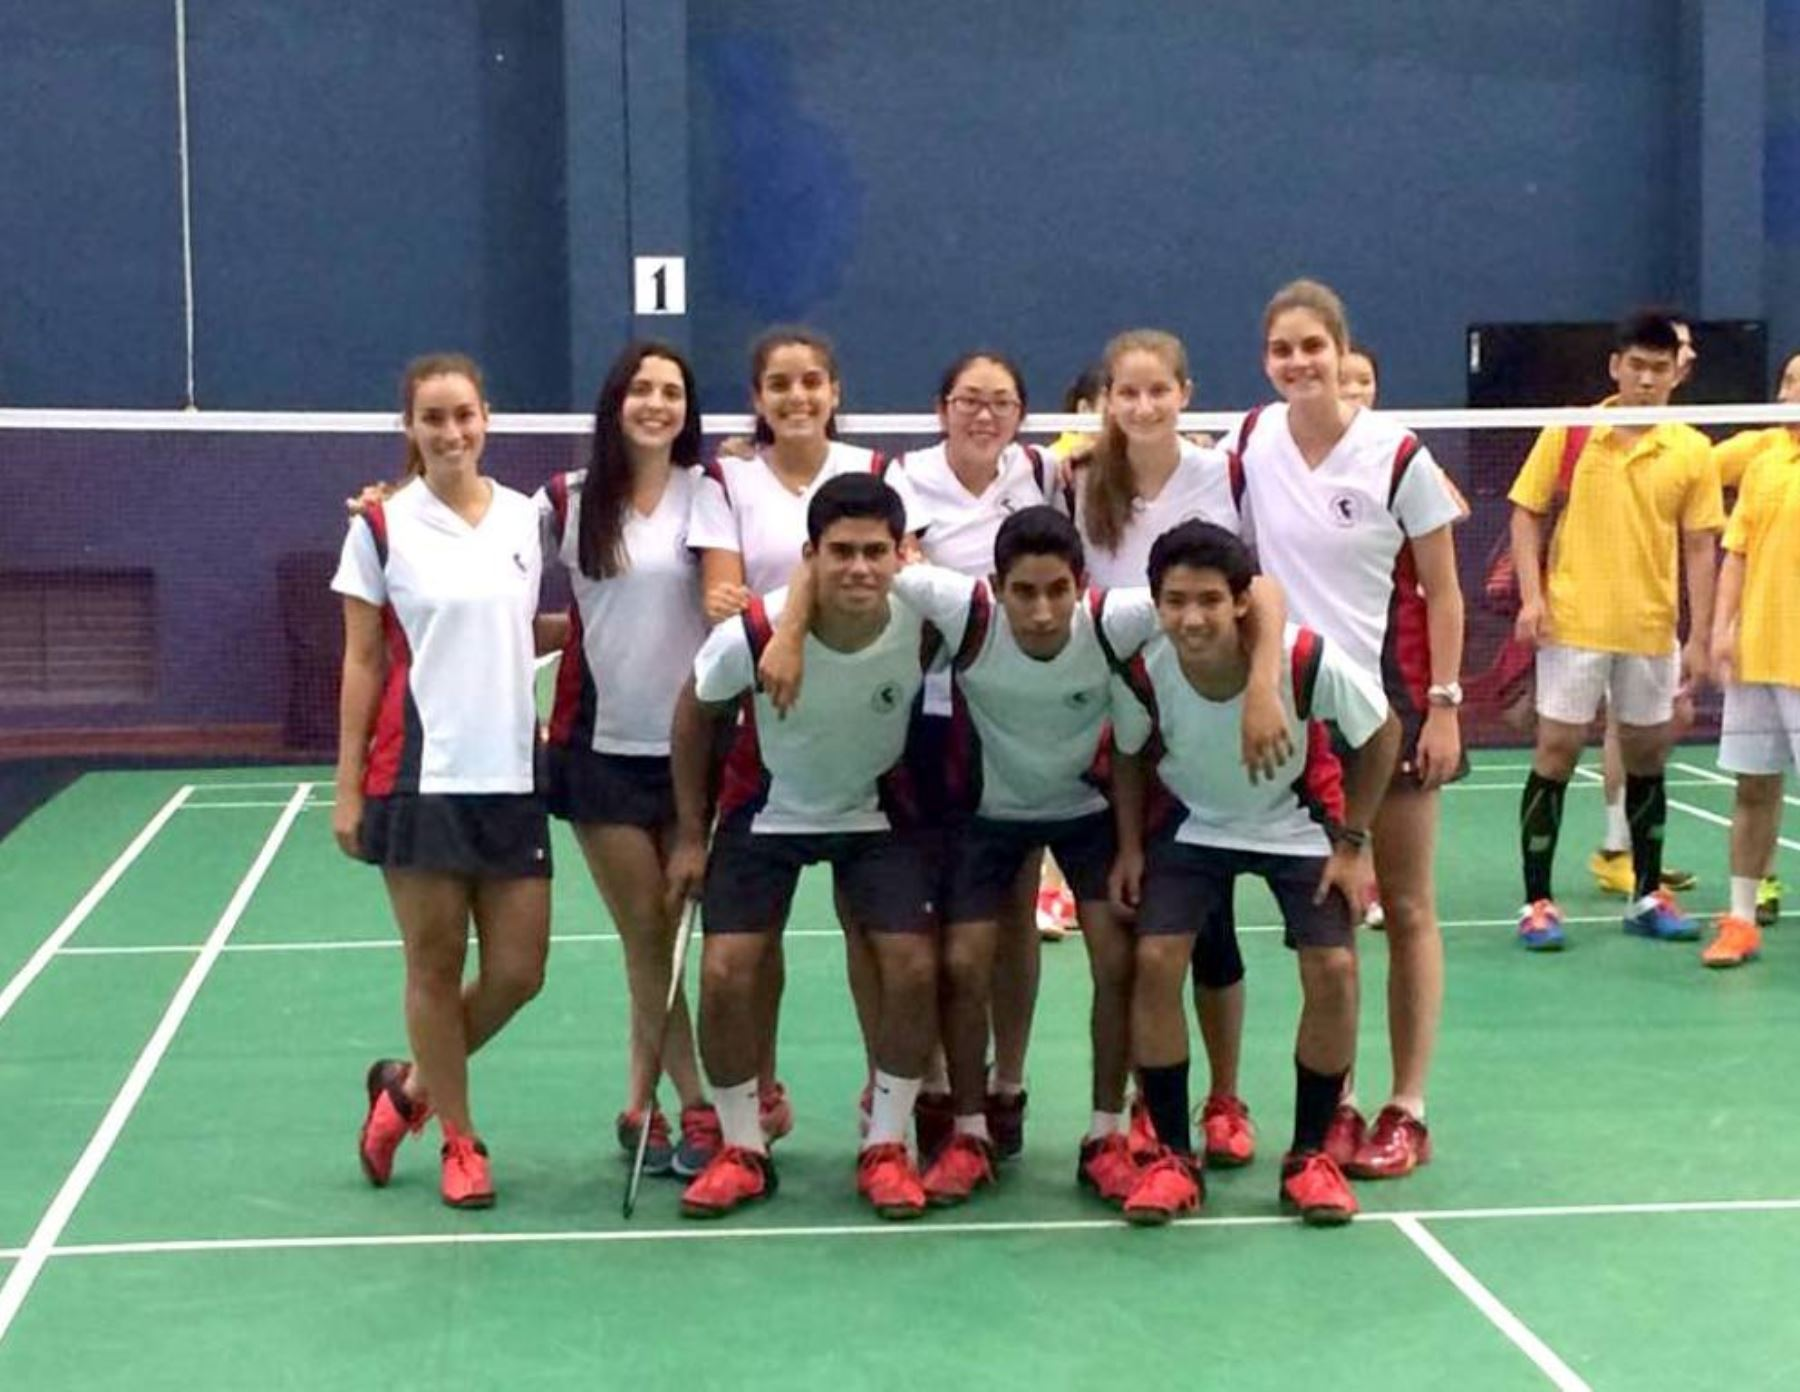 Equipo peruano de bádminton. Foto: Facebook.